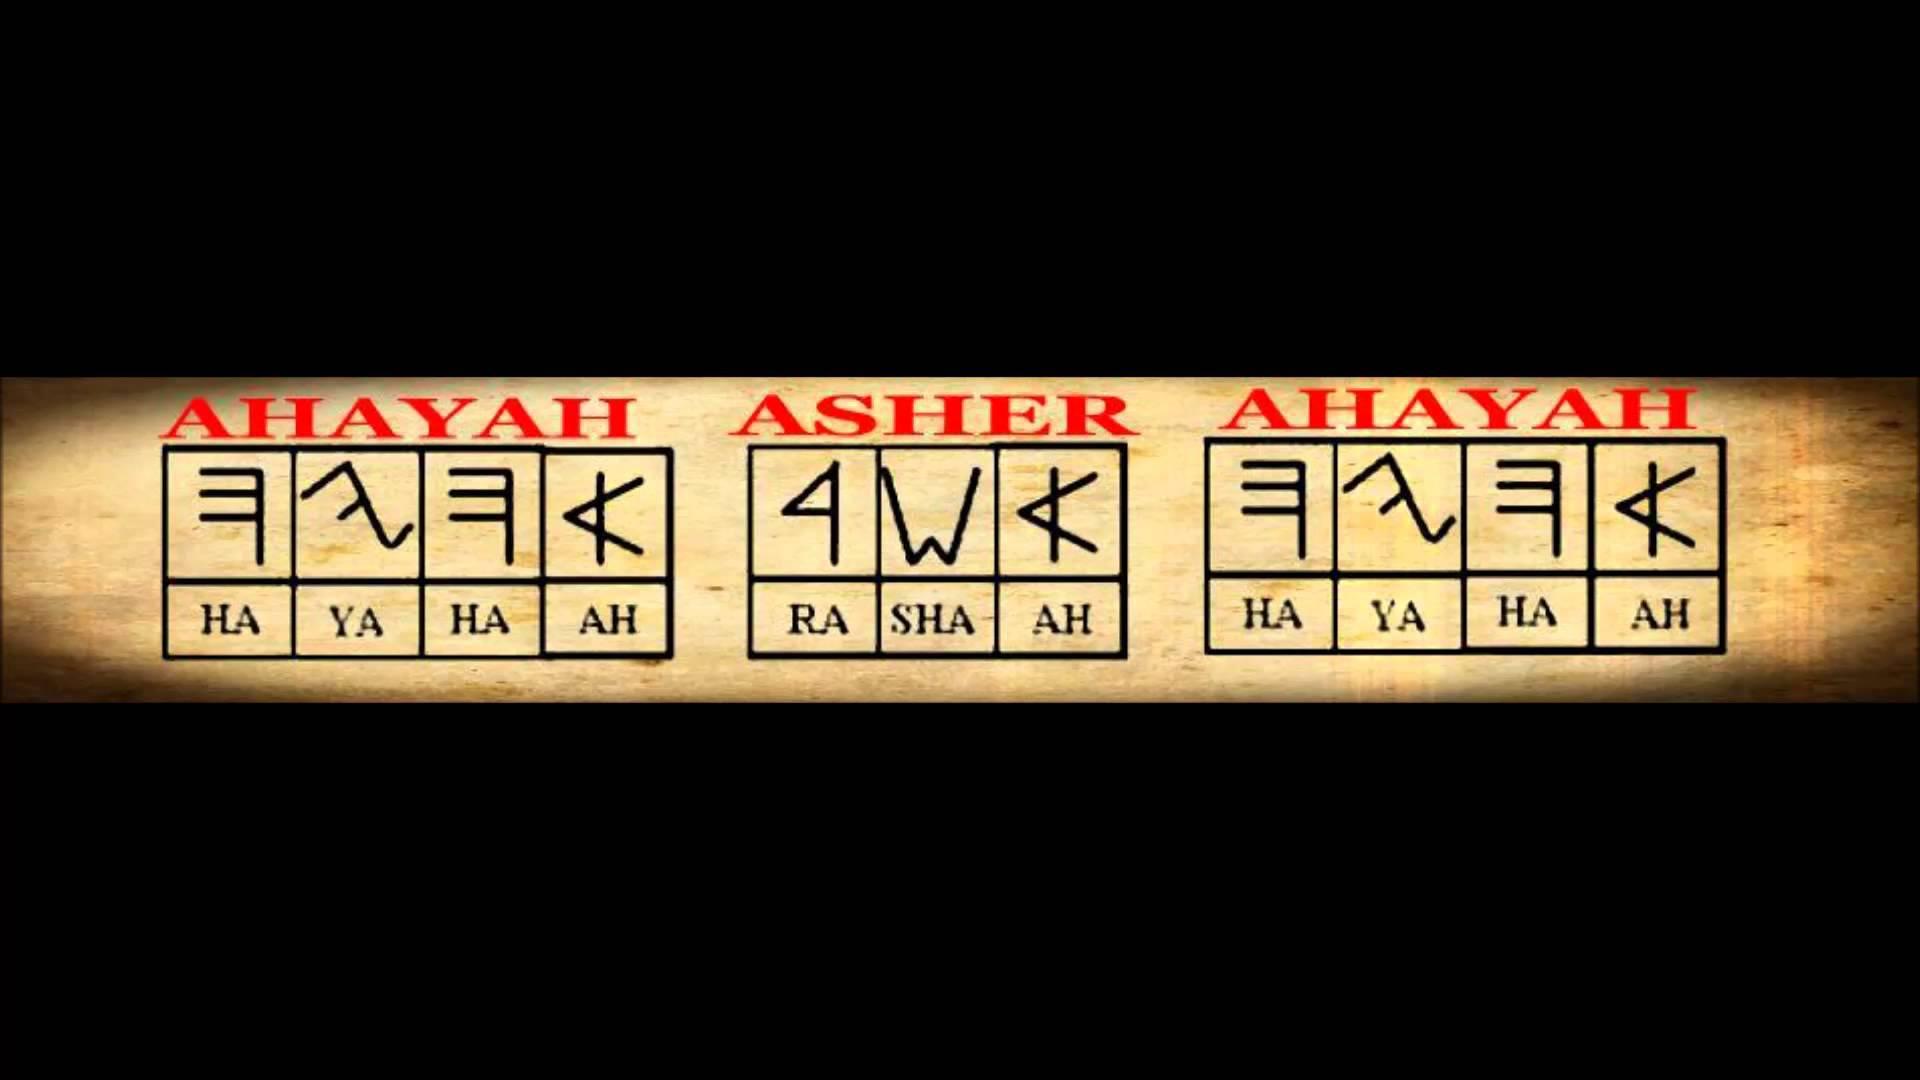 shemot-ahayah-asher-ahayah-iam-that-iam